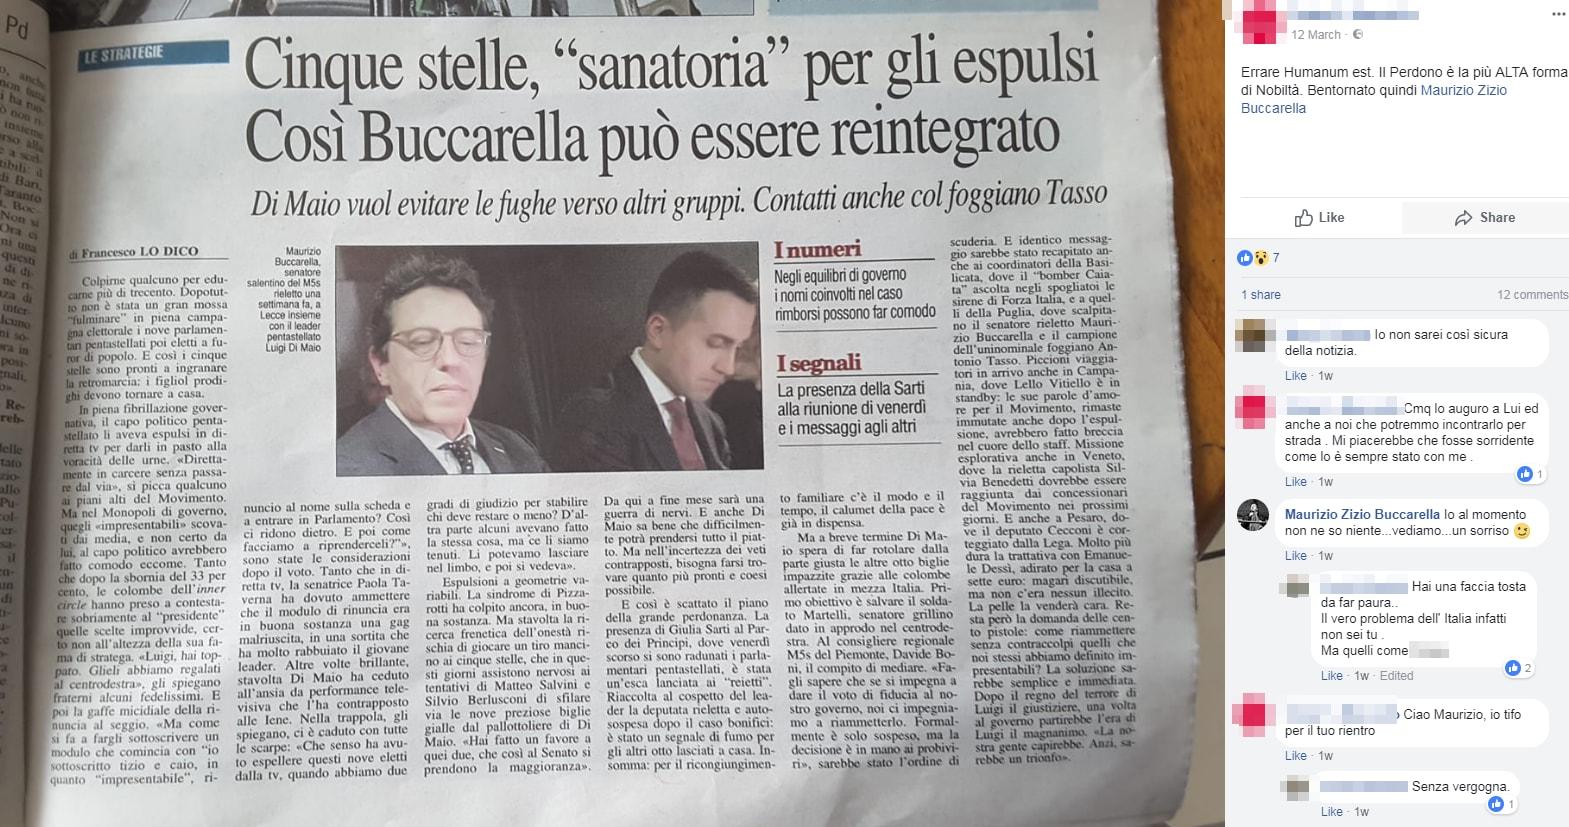 maurizio buccarella m5s elezione perdono di maio - 1